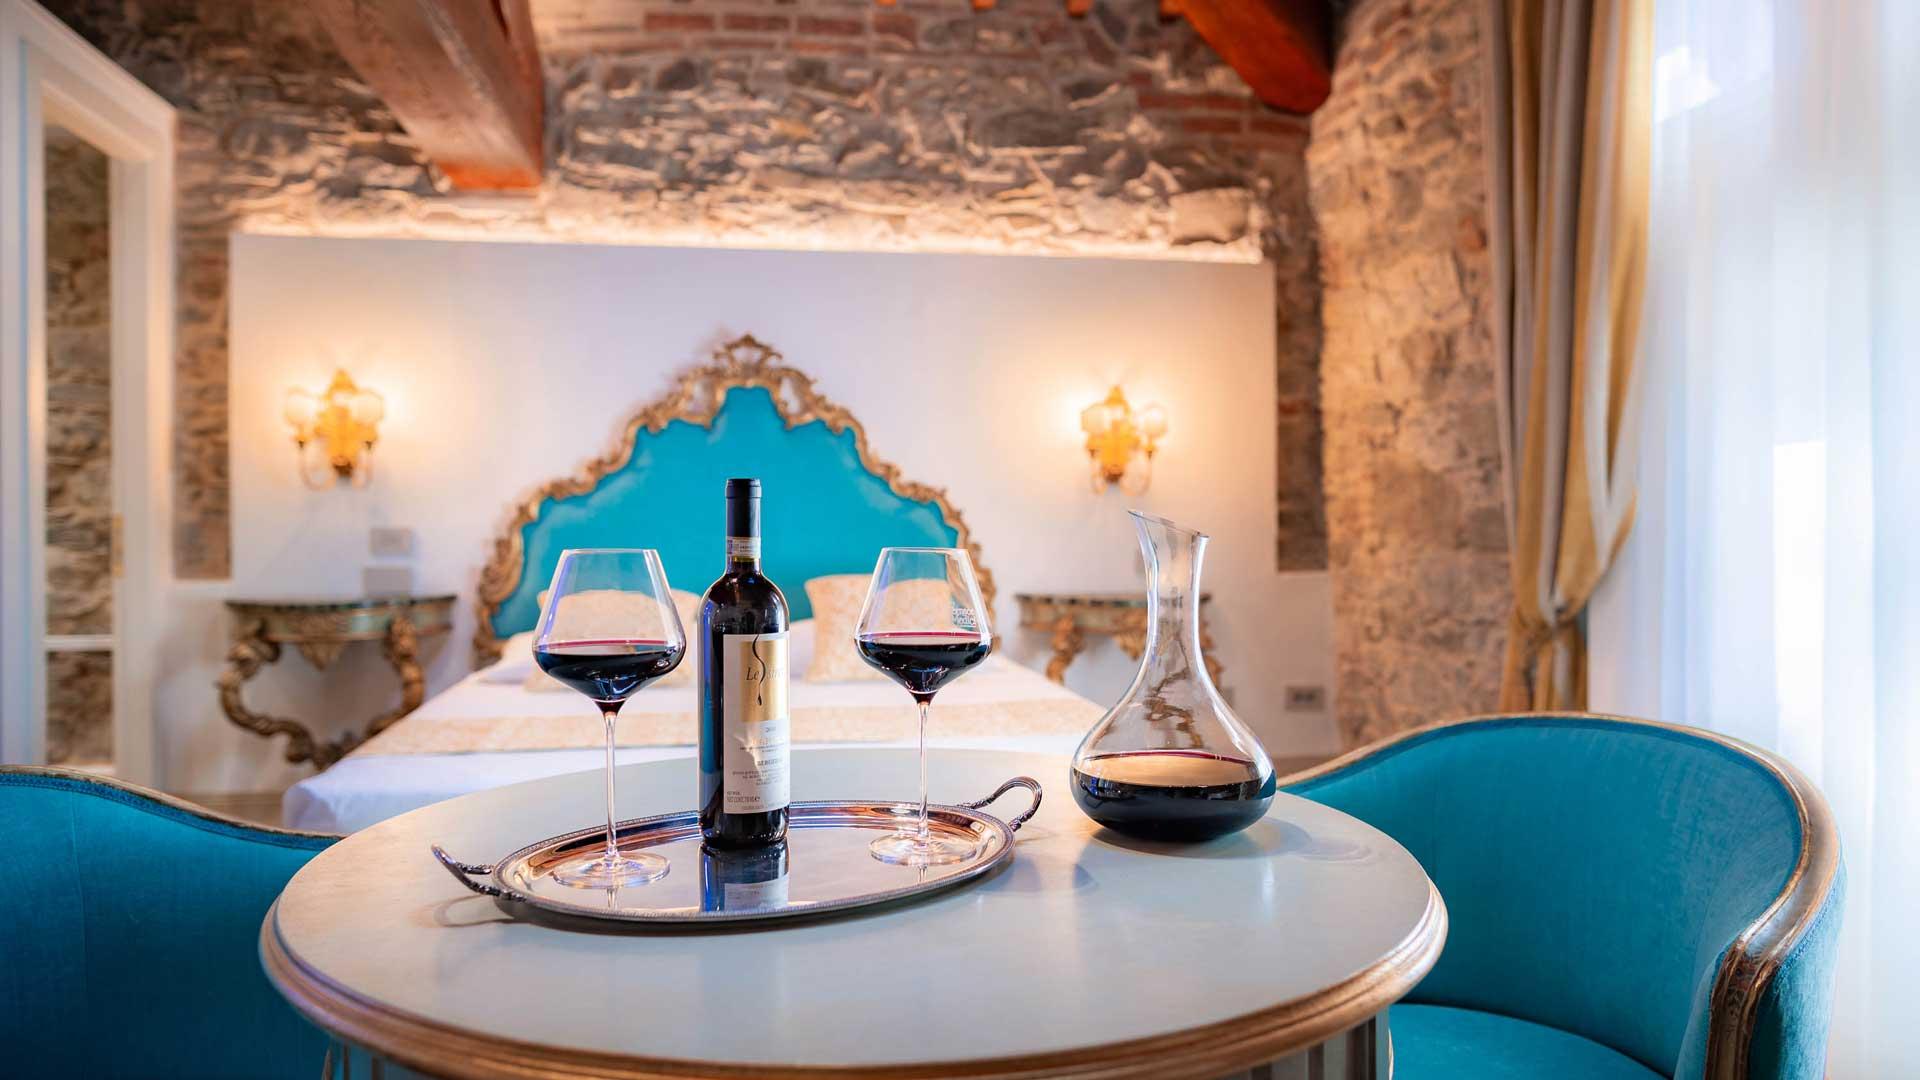 Una delle camere dell'agriturismo vicino a Firenze, primo piano di una bottiglia di vino e decanter